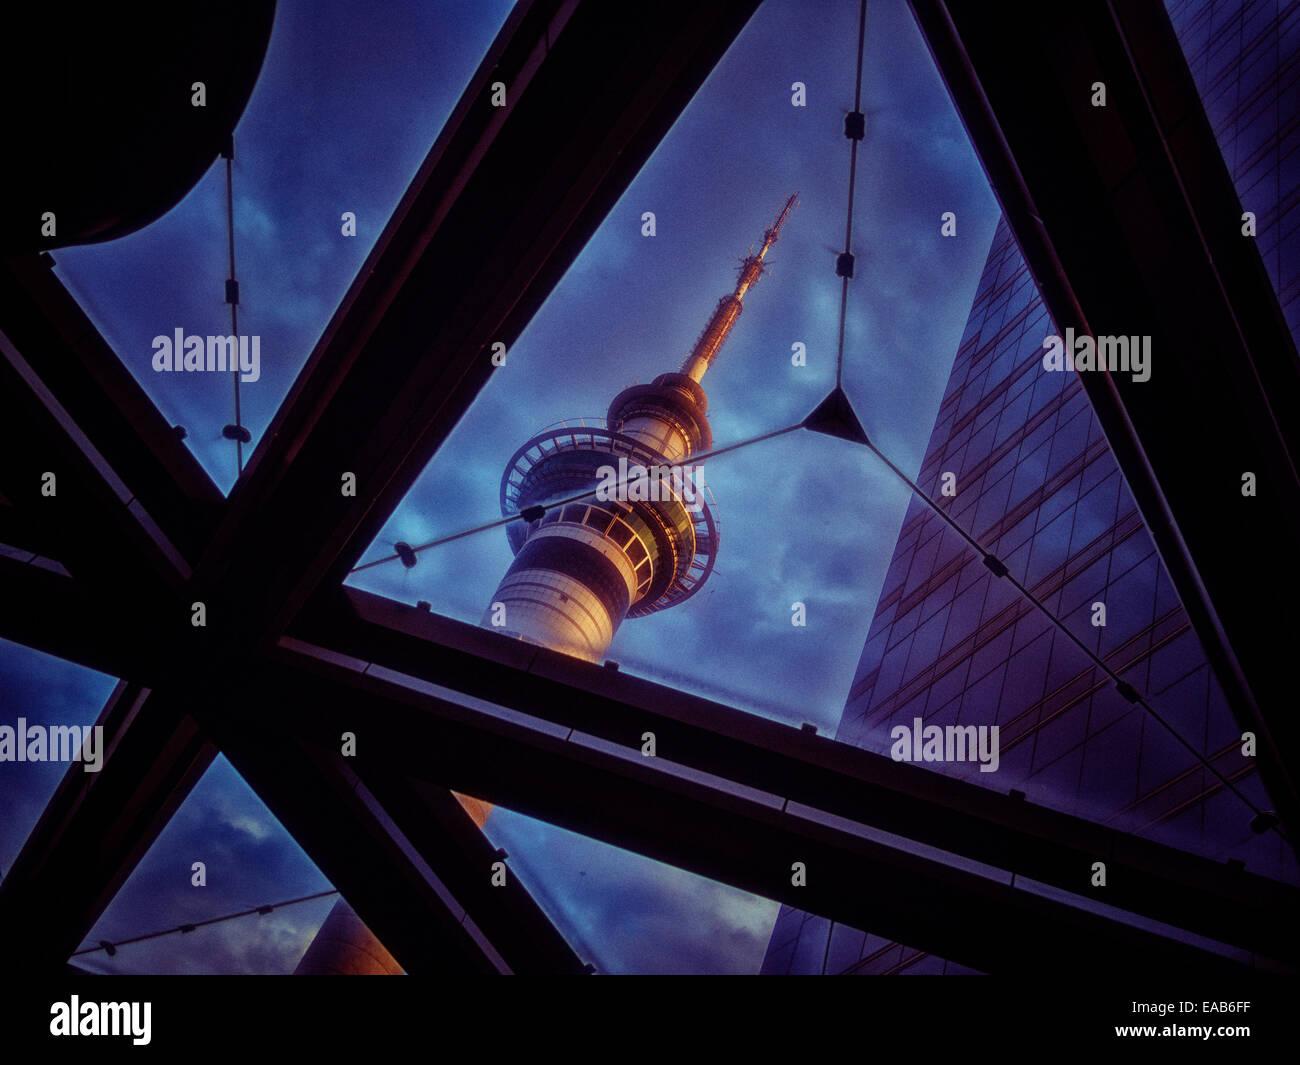 Auckland Skytower vue à travers un toit en verre. Banque D'Images